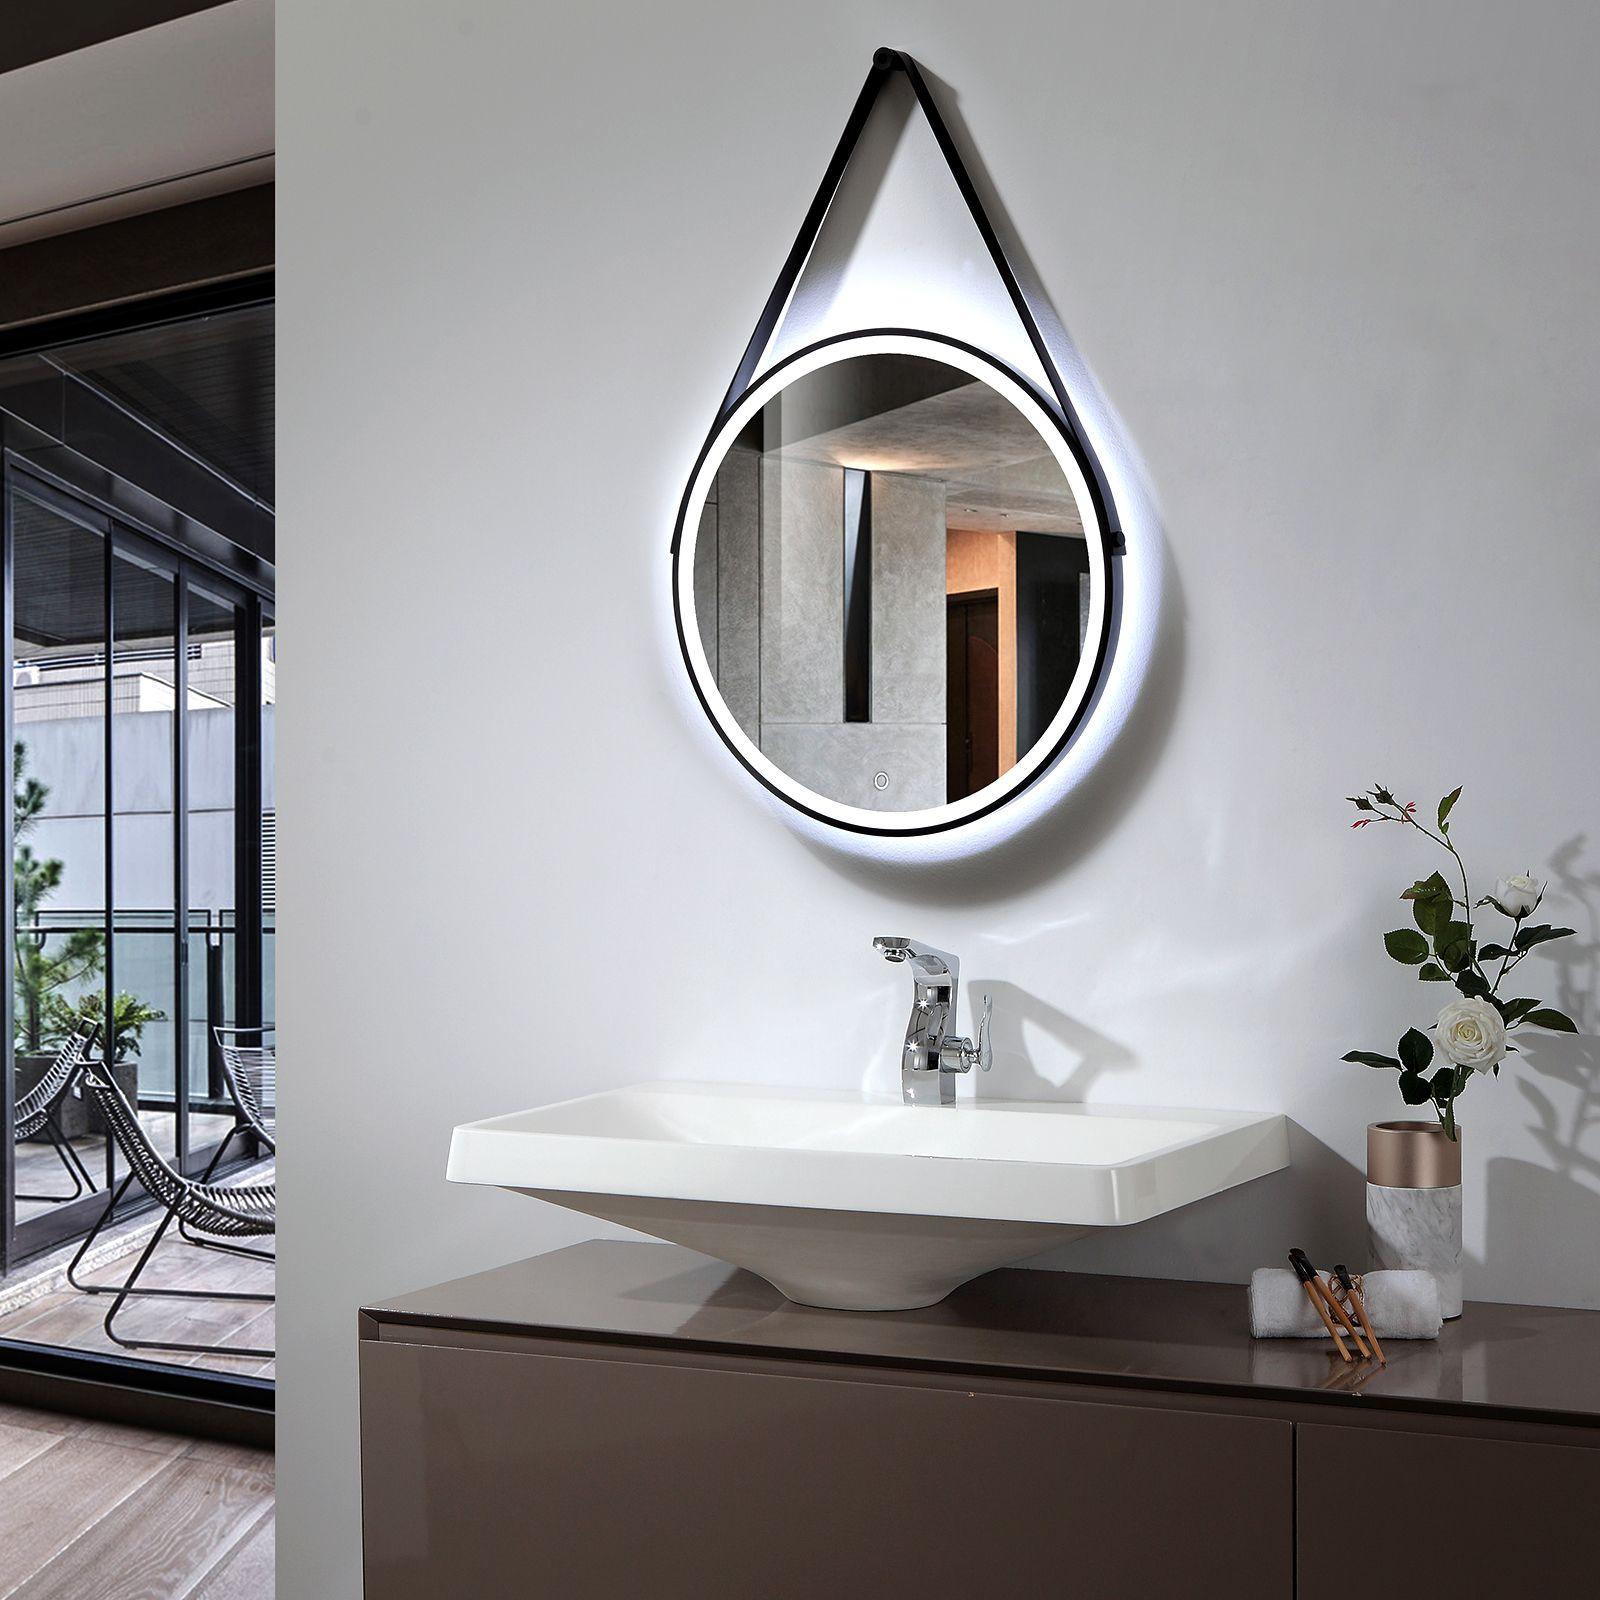 Pin Von Sophia Auf Haus In 2020 Badezimmerspiegel Lichtspiegel Badspiegel